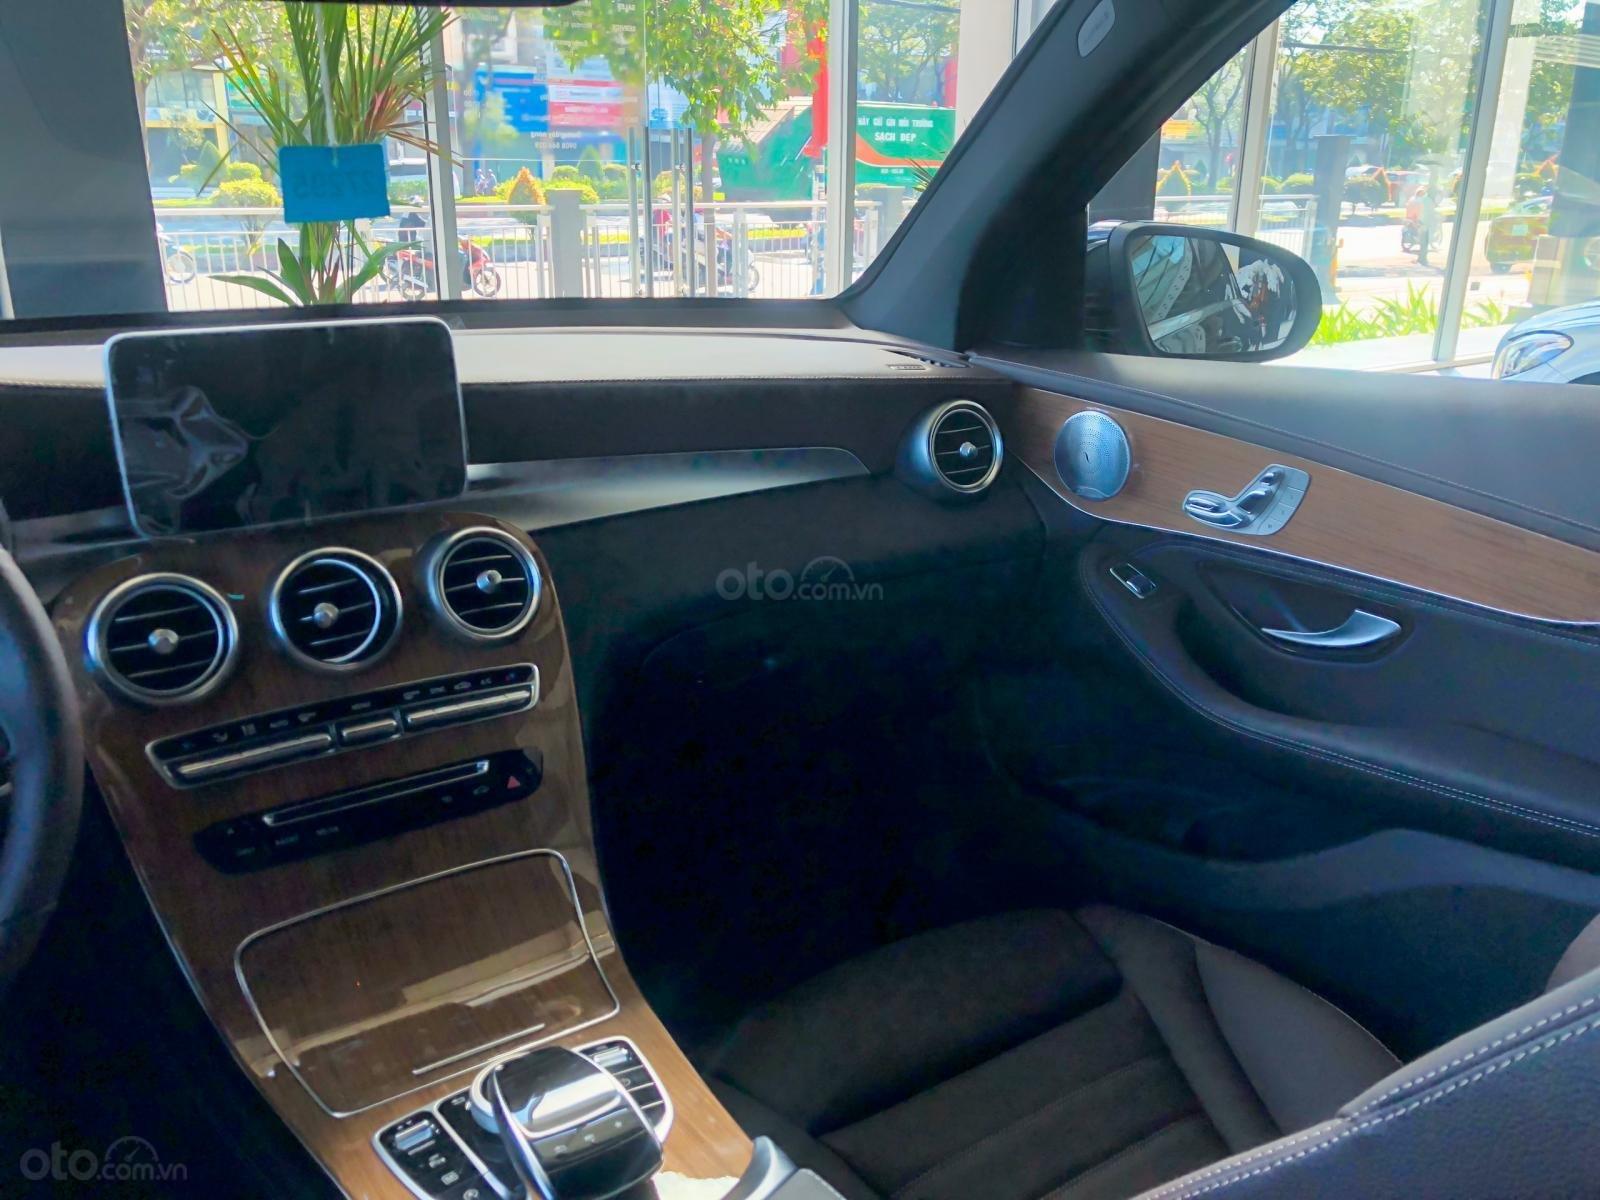 Bán xe Mercedes GLC250 tốt nhất hôm nay - Hỗ trợ trả góp lãi suất thấp - Giảm giá cực khủng - KM cực tốt-5